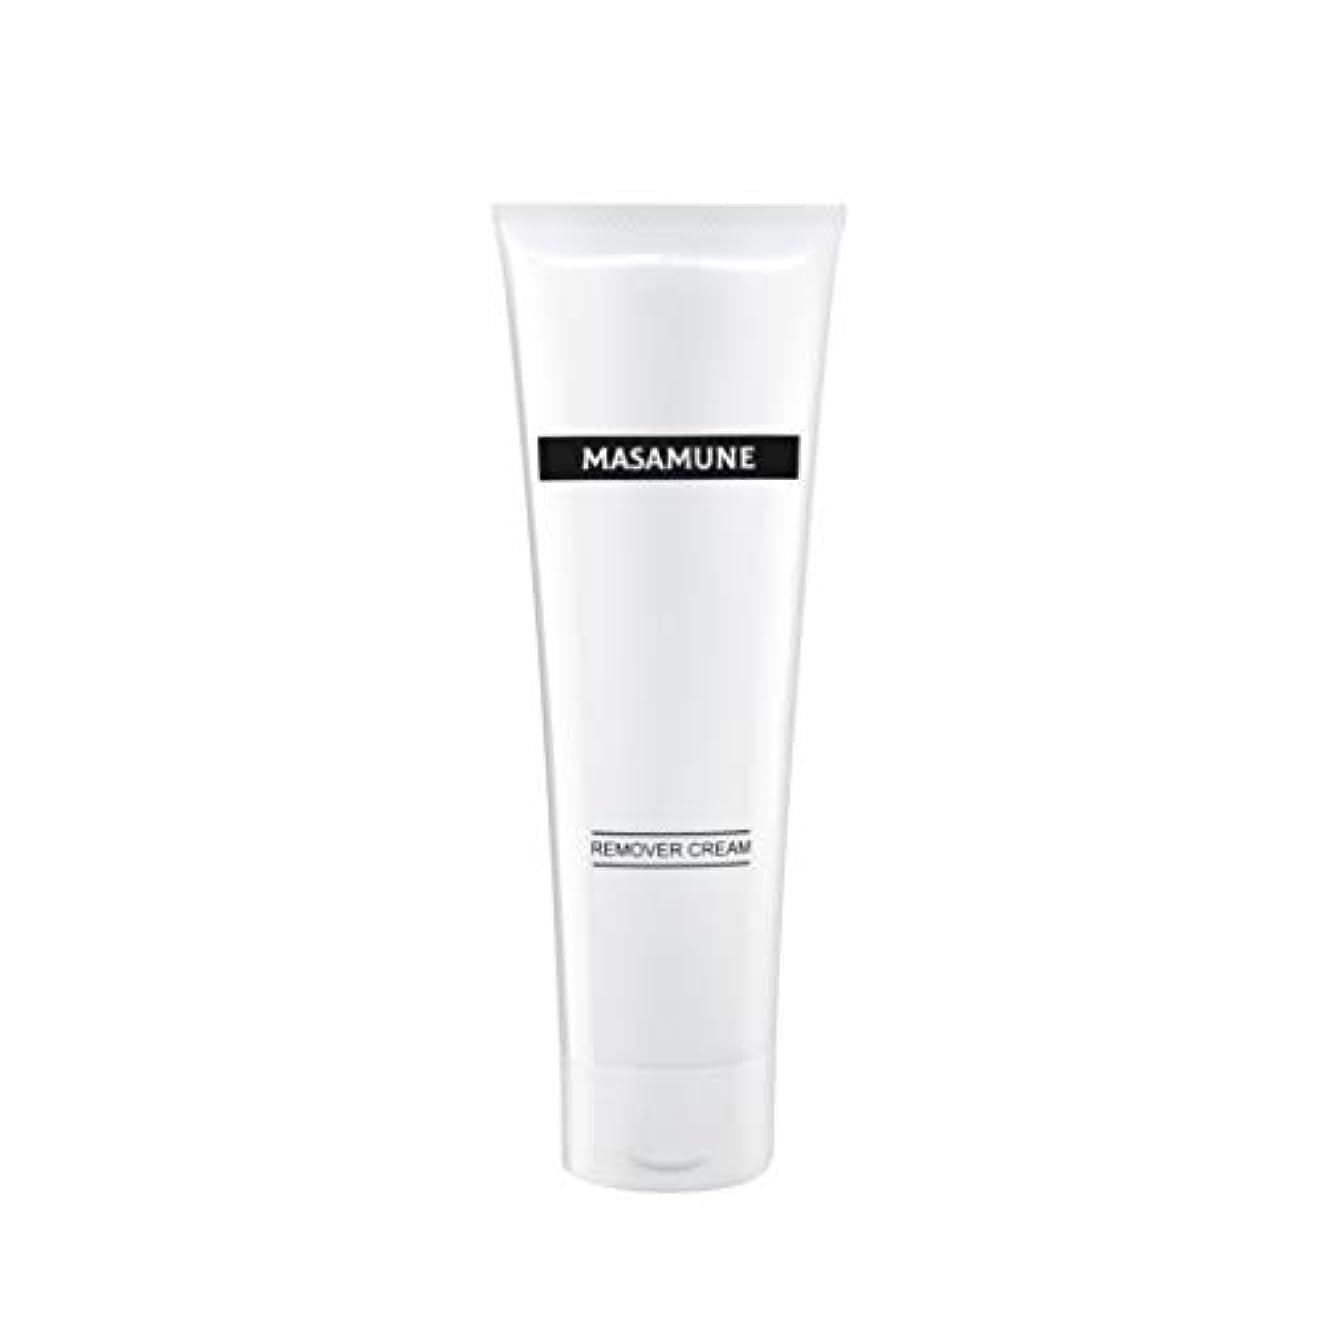 母性哲学的人柄メンズ 除毛クリーム 薬用 リムーバークリーム Vライン ボディ用 200g 医薬部外品 MASAMUNE